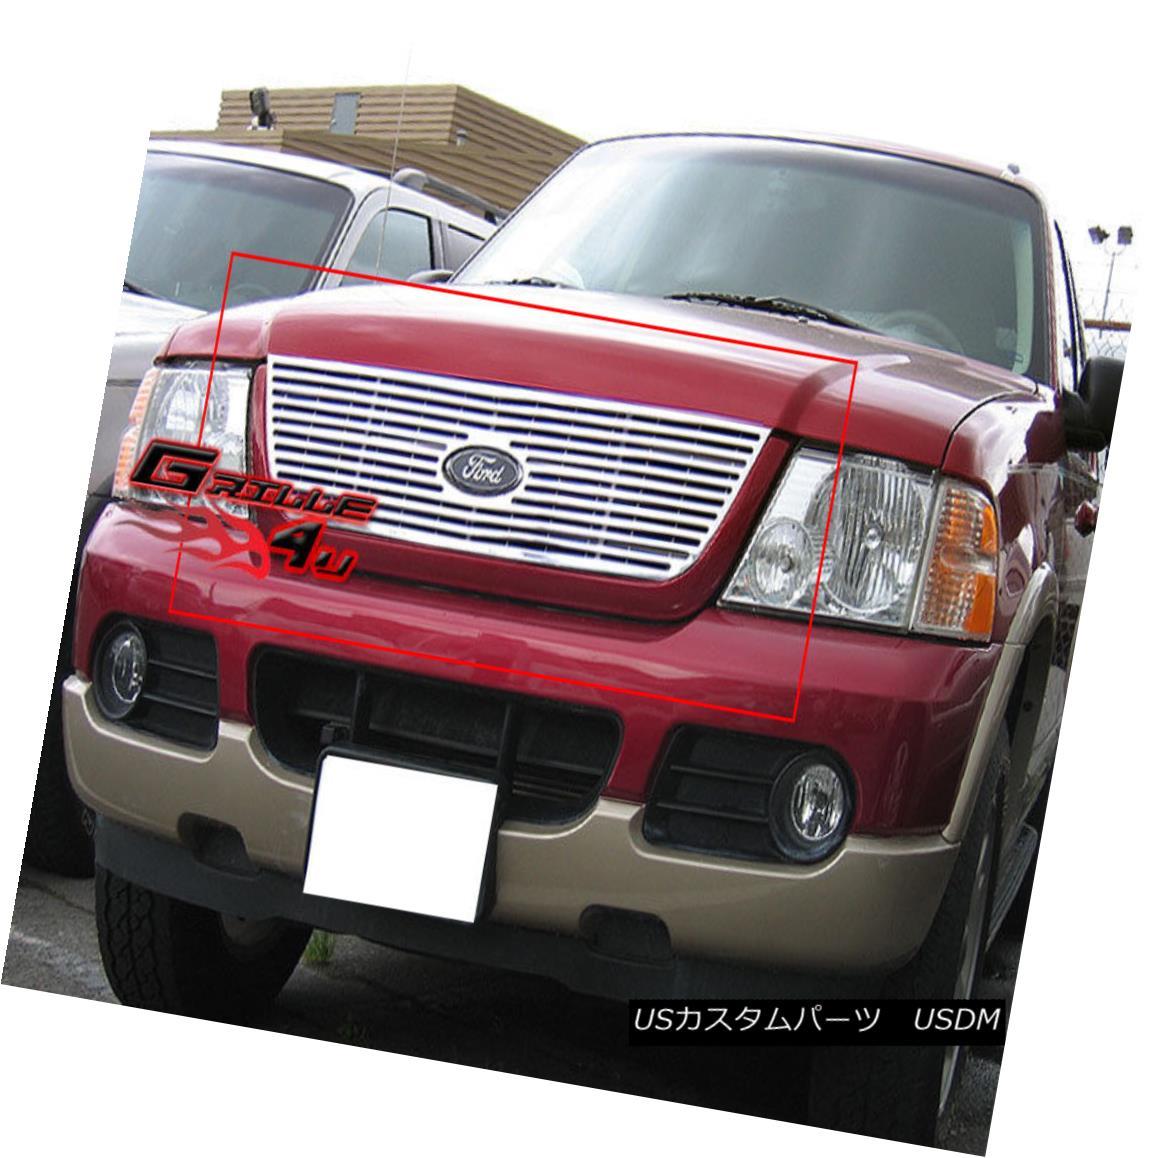 グリル Fits 2002-2005 Ford Explorer Perimeter Grille Insert フィット2002-2005 Ford Explorerペリメーターグリルインサート